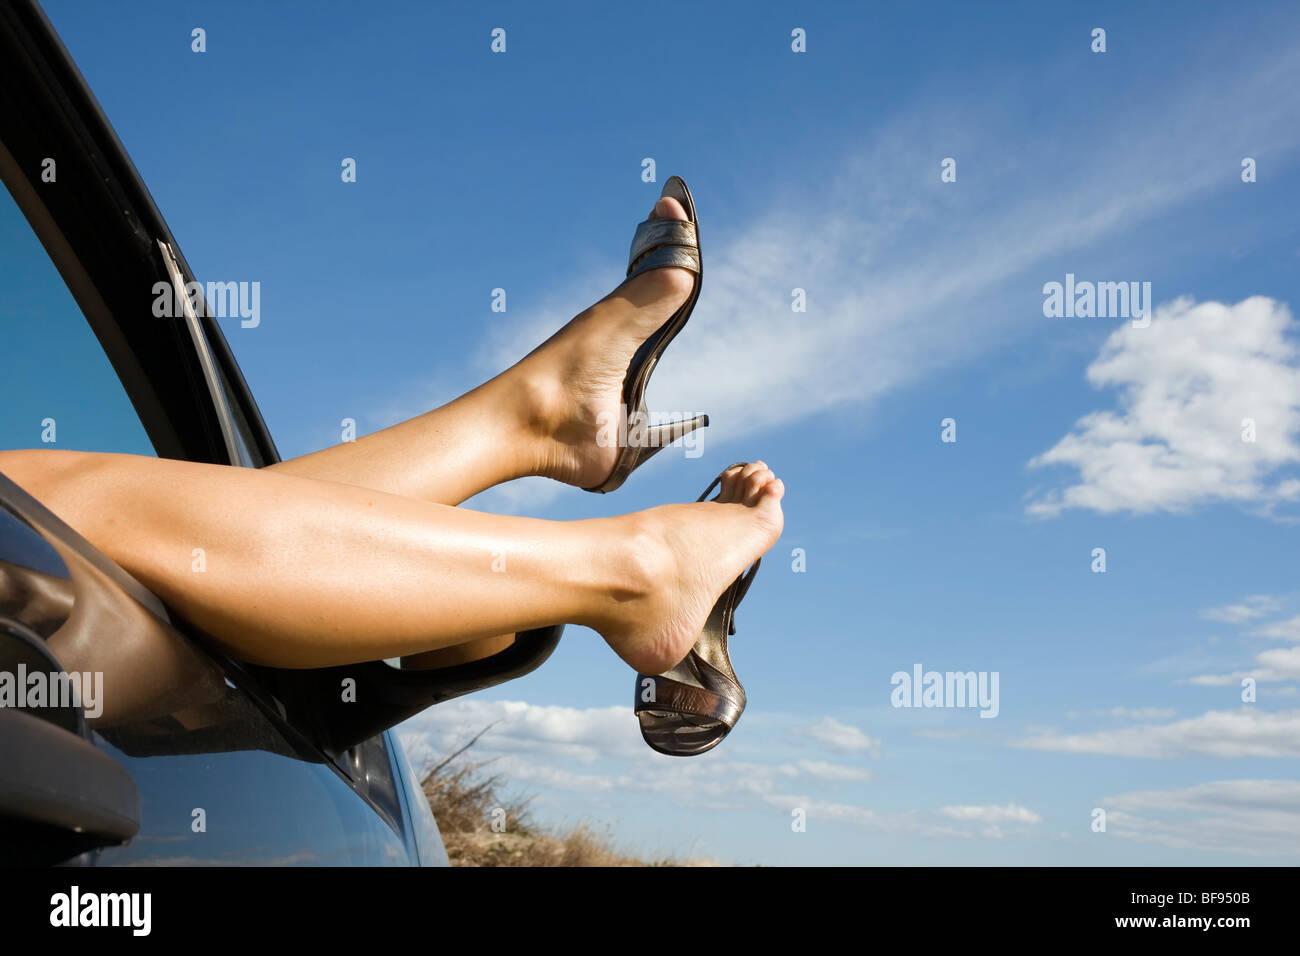 Piernas y pies de mujer vestidos de plata zapatos de tacón alto que sobresalen de la ventanilla. Imagen De Stock